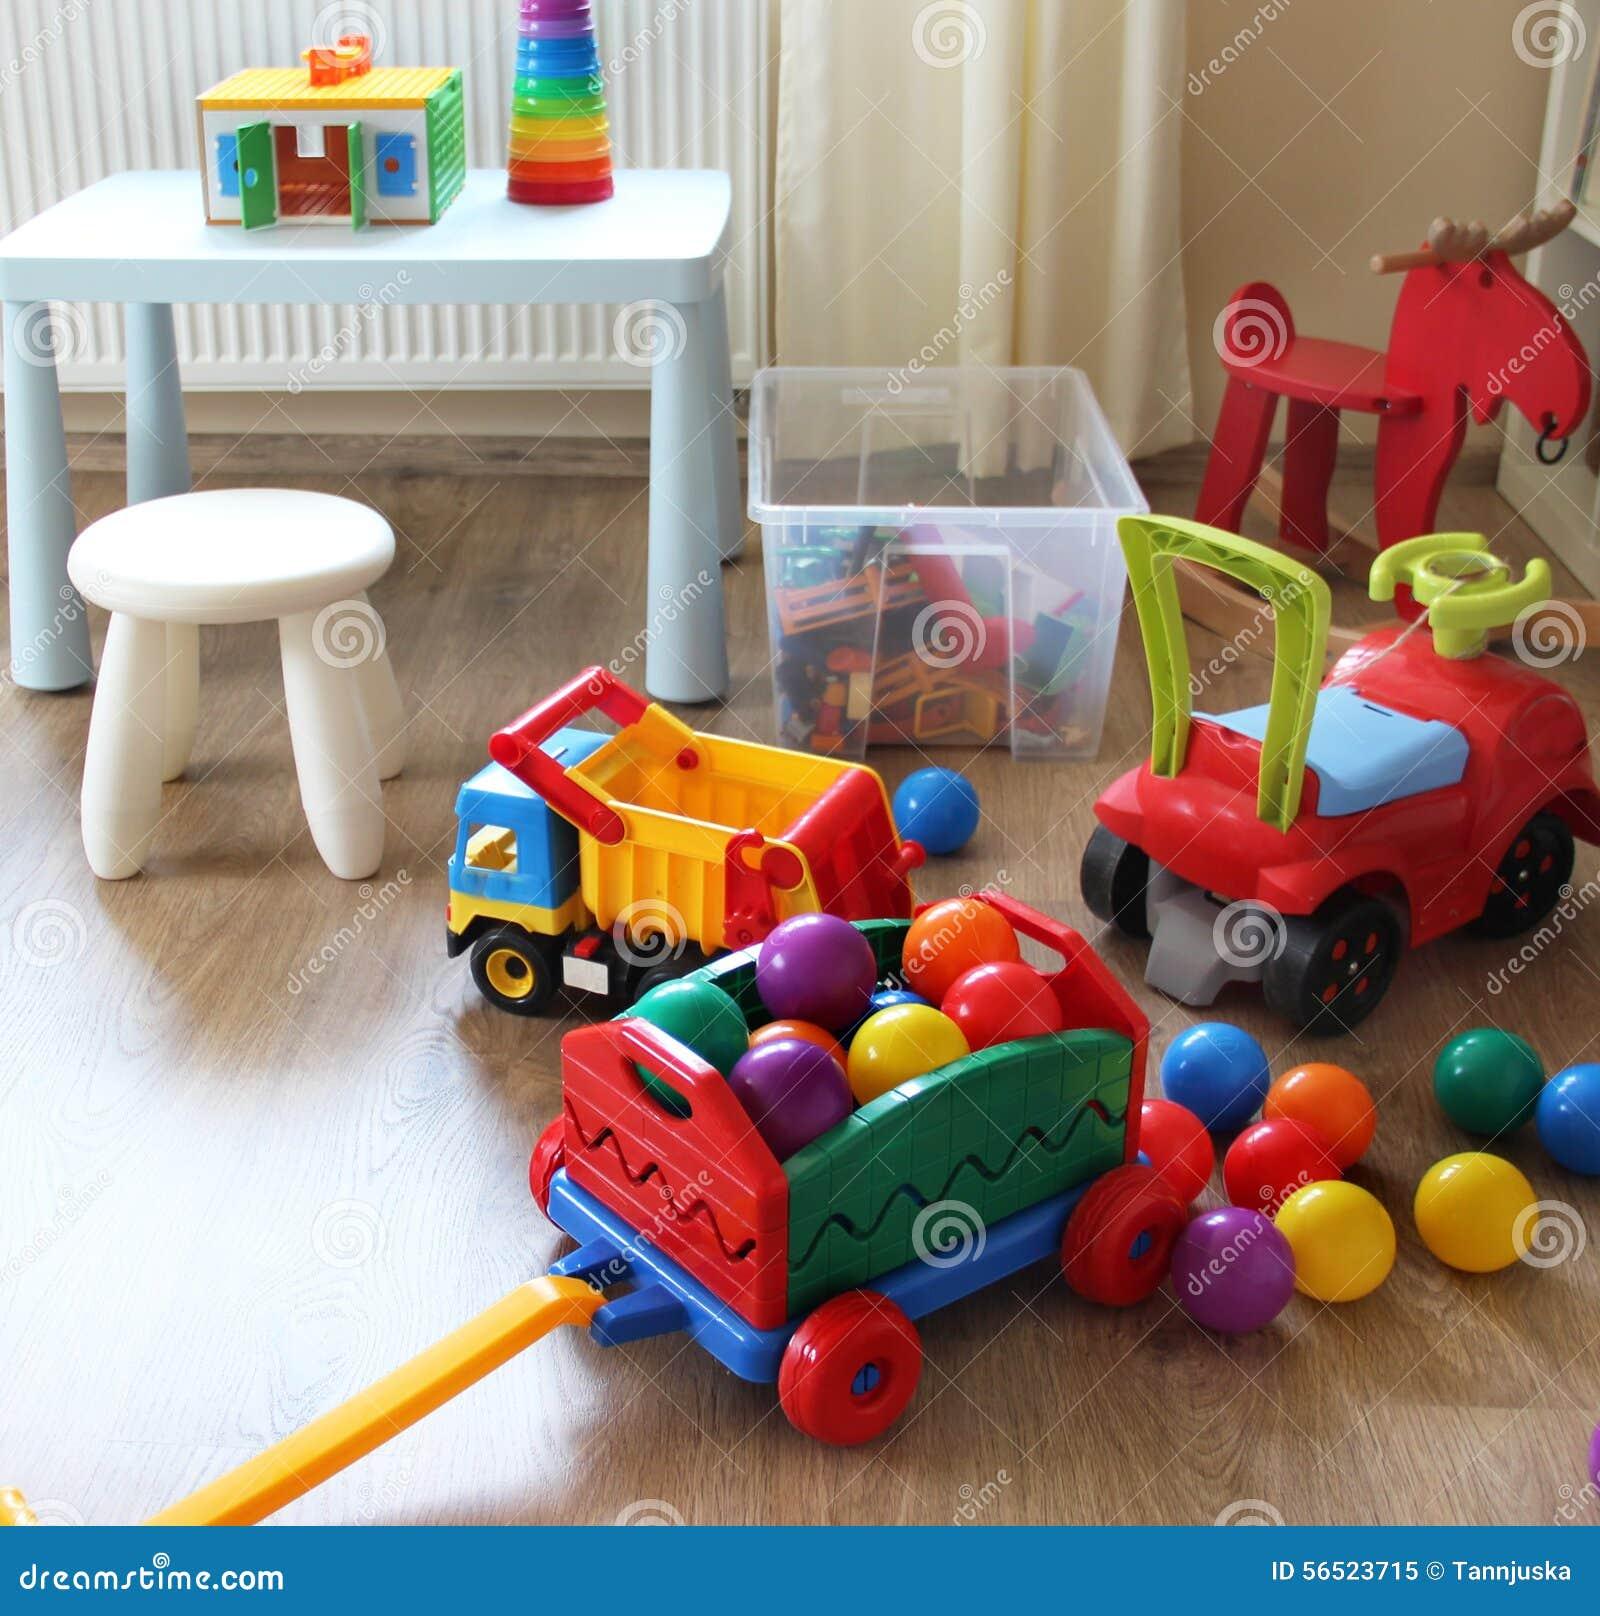 Inre för barnrum med leksaker arkivfoto   bild: 56523715